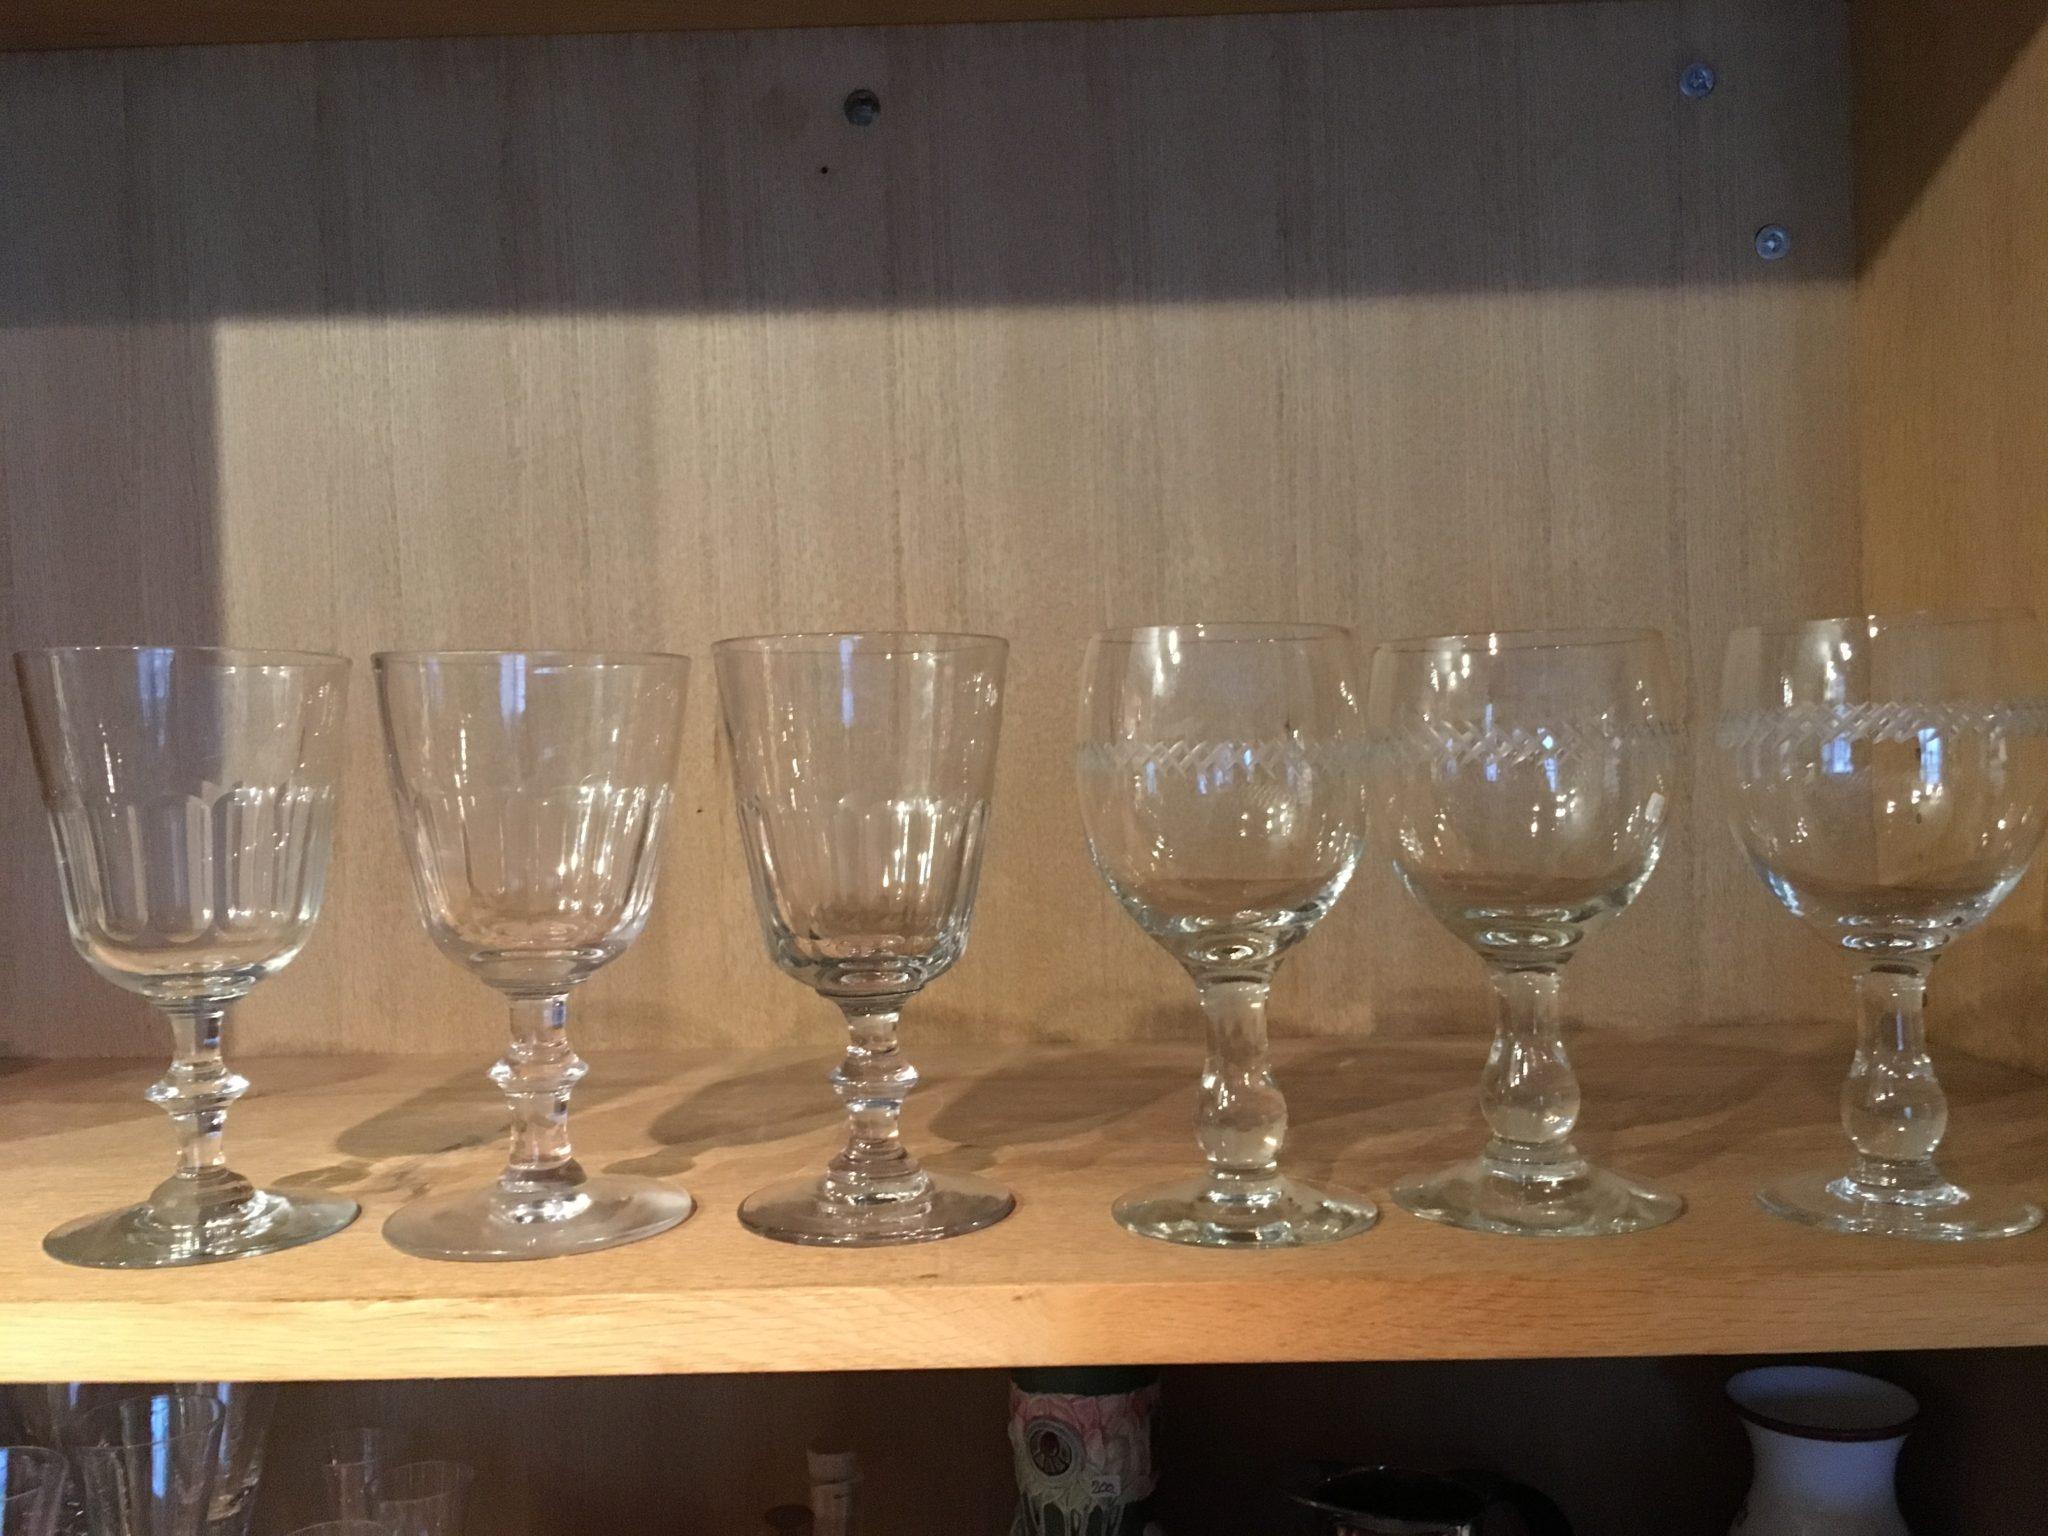 Chr. d. 8 glas pr. stk 225 kr. Ballonglas med krydsslibninger pr. stk. 200 kr